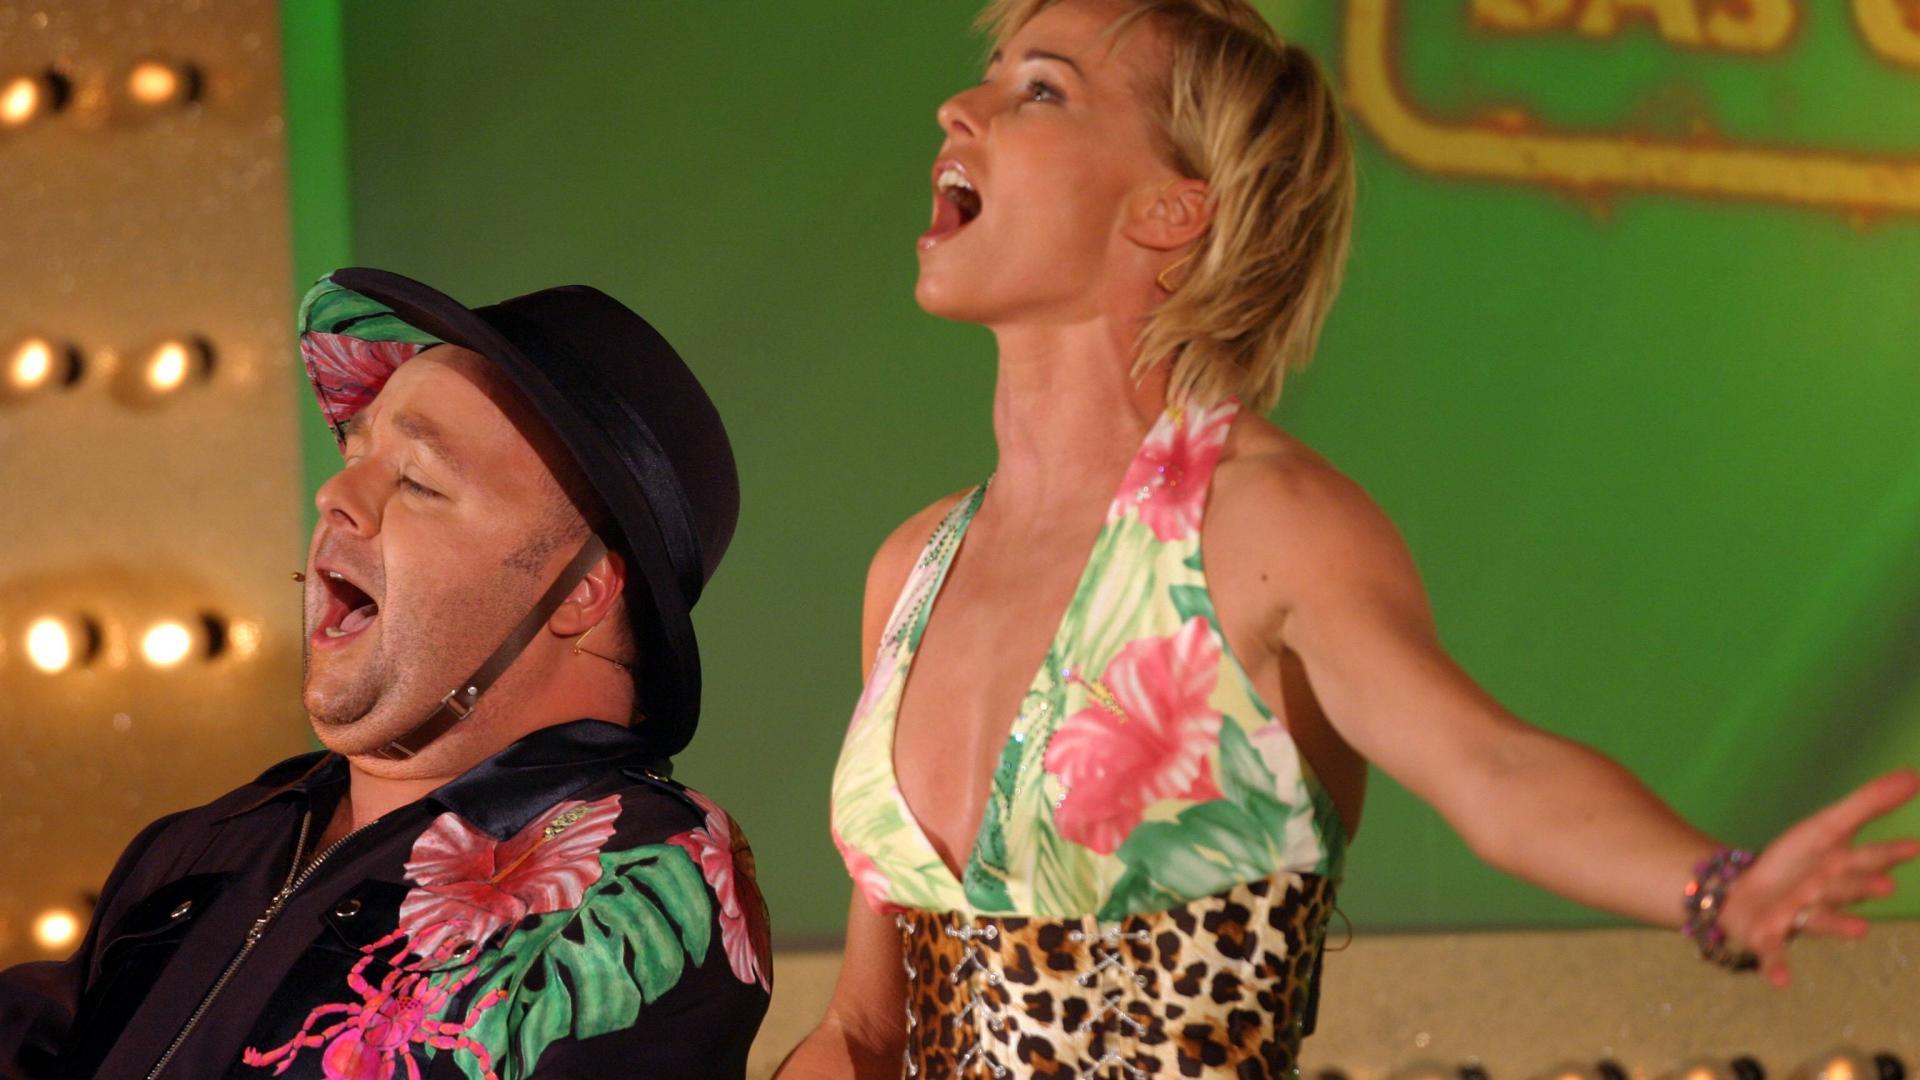 Sonja Zietlow & Dirk Bach